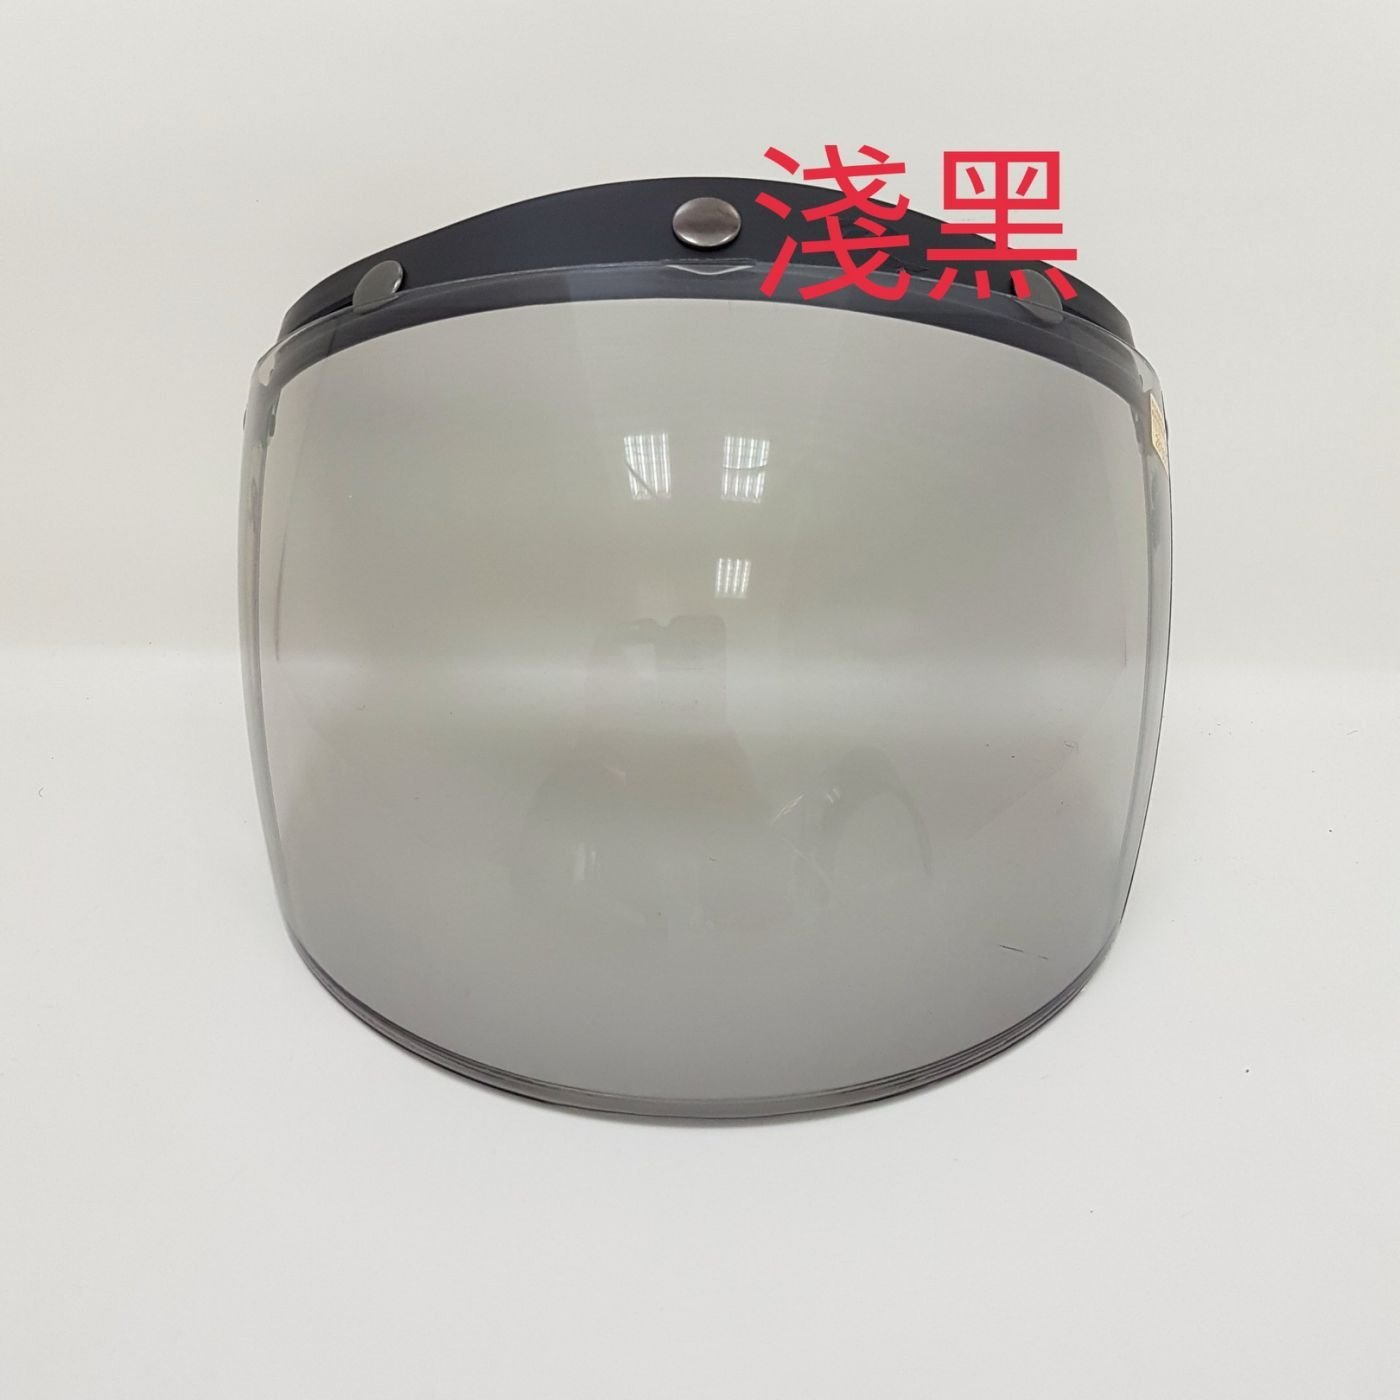 哈利帽 復古帽 雪帽 半罩安全帽 強化耐磨鏡片 強化鏡片 長鏡片  安全帽 三釦鏡片